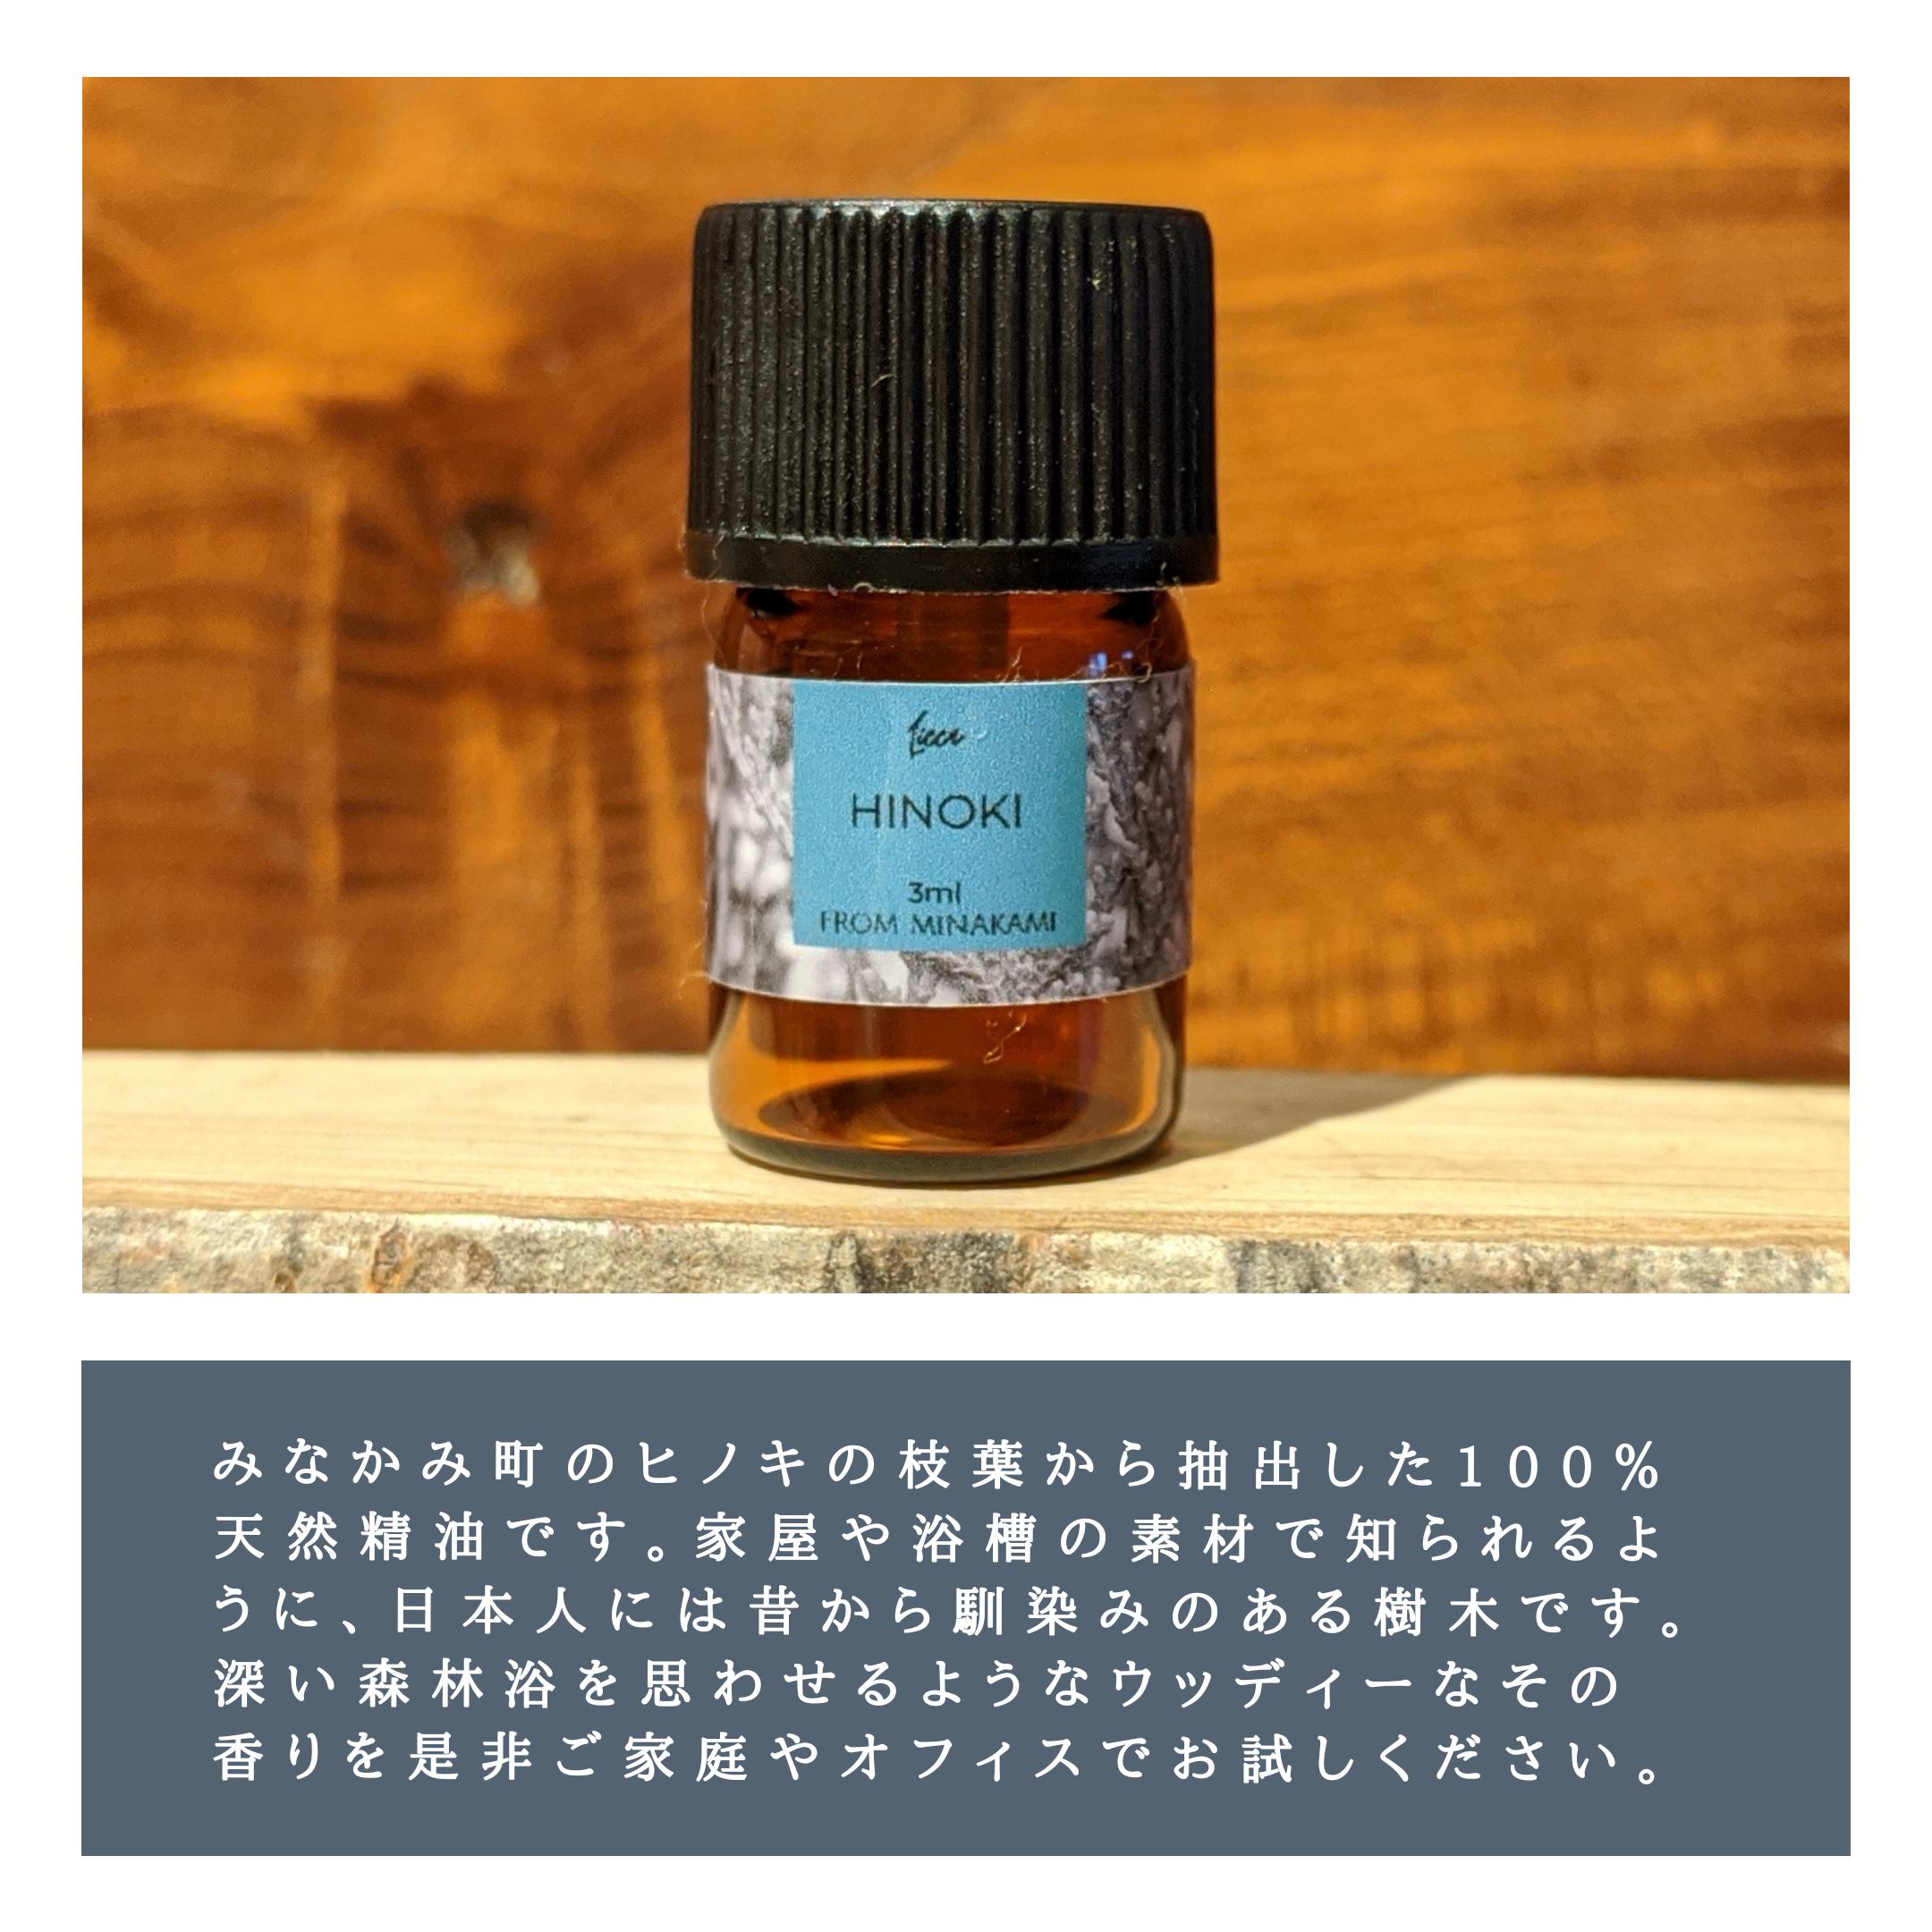 HINOKI 【ヒノキ】エッセンシャルオイル 3ml